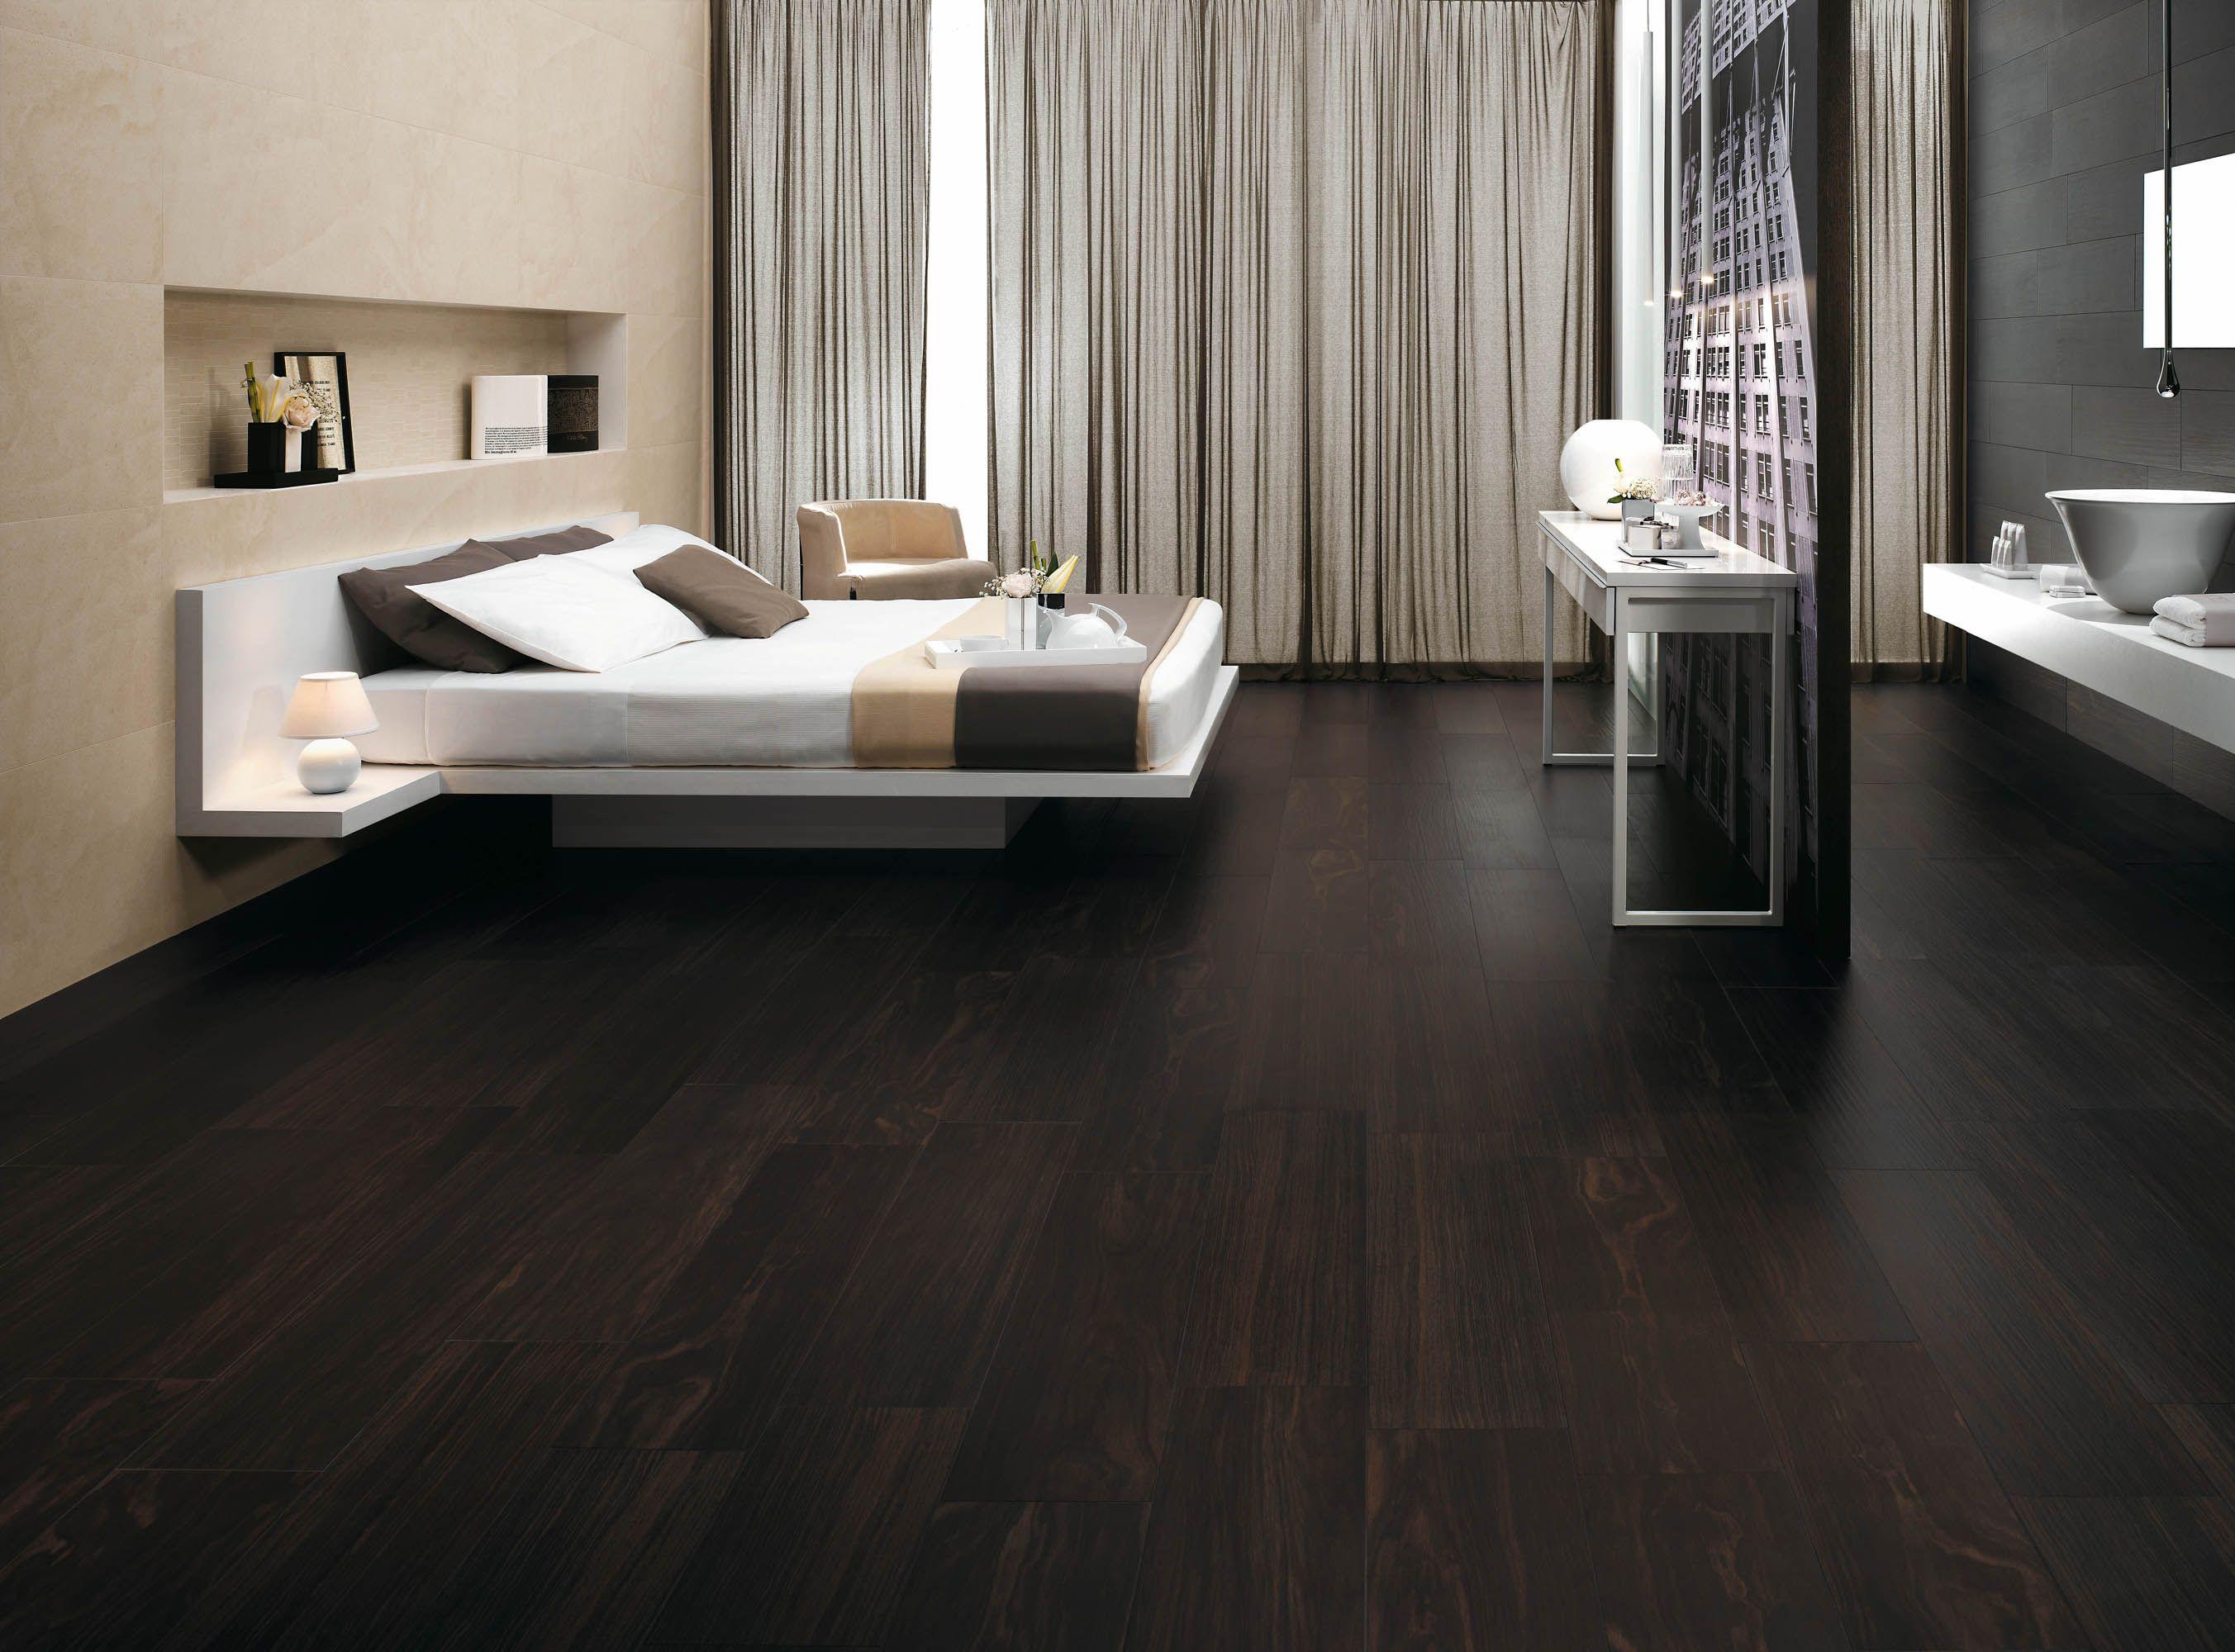 Dark Wood Effect Tiles For A Very Dark Floor Minoli Etic Ebano Tile Bedroom Bedroom Flooring Bedroom Floor Tiles